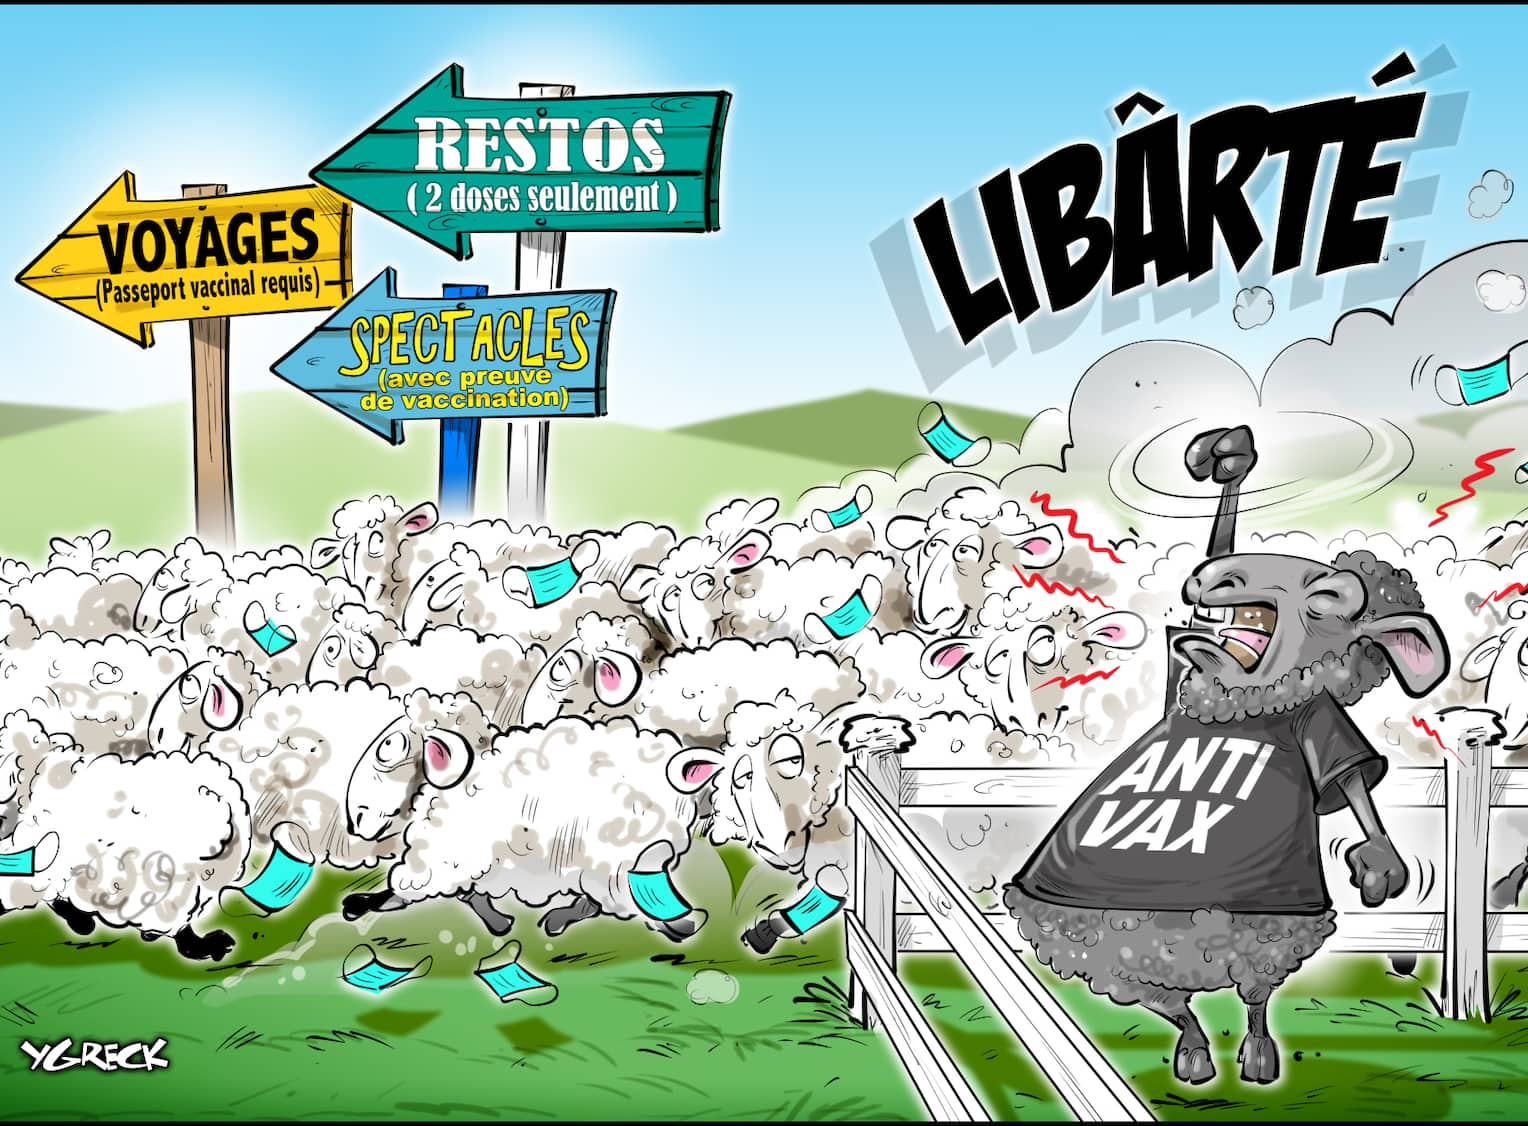 CARICATURES : politiques, judiciaires, sportives ... etc.    (suite 2) - Page 23 Moutons_libarte_copie9ada905c-c995-49d8-b7d4-df841f737762_ORIGINAL